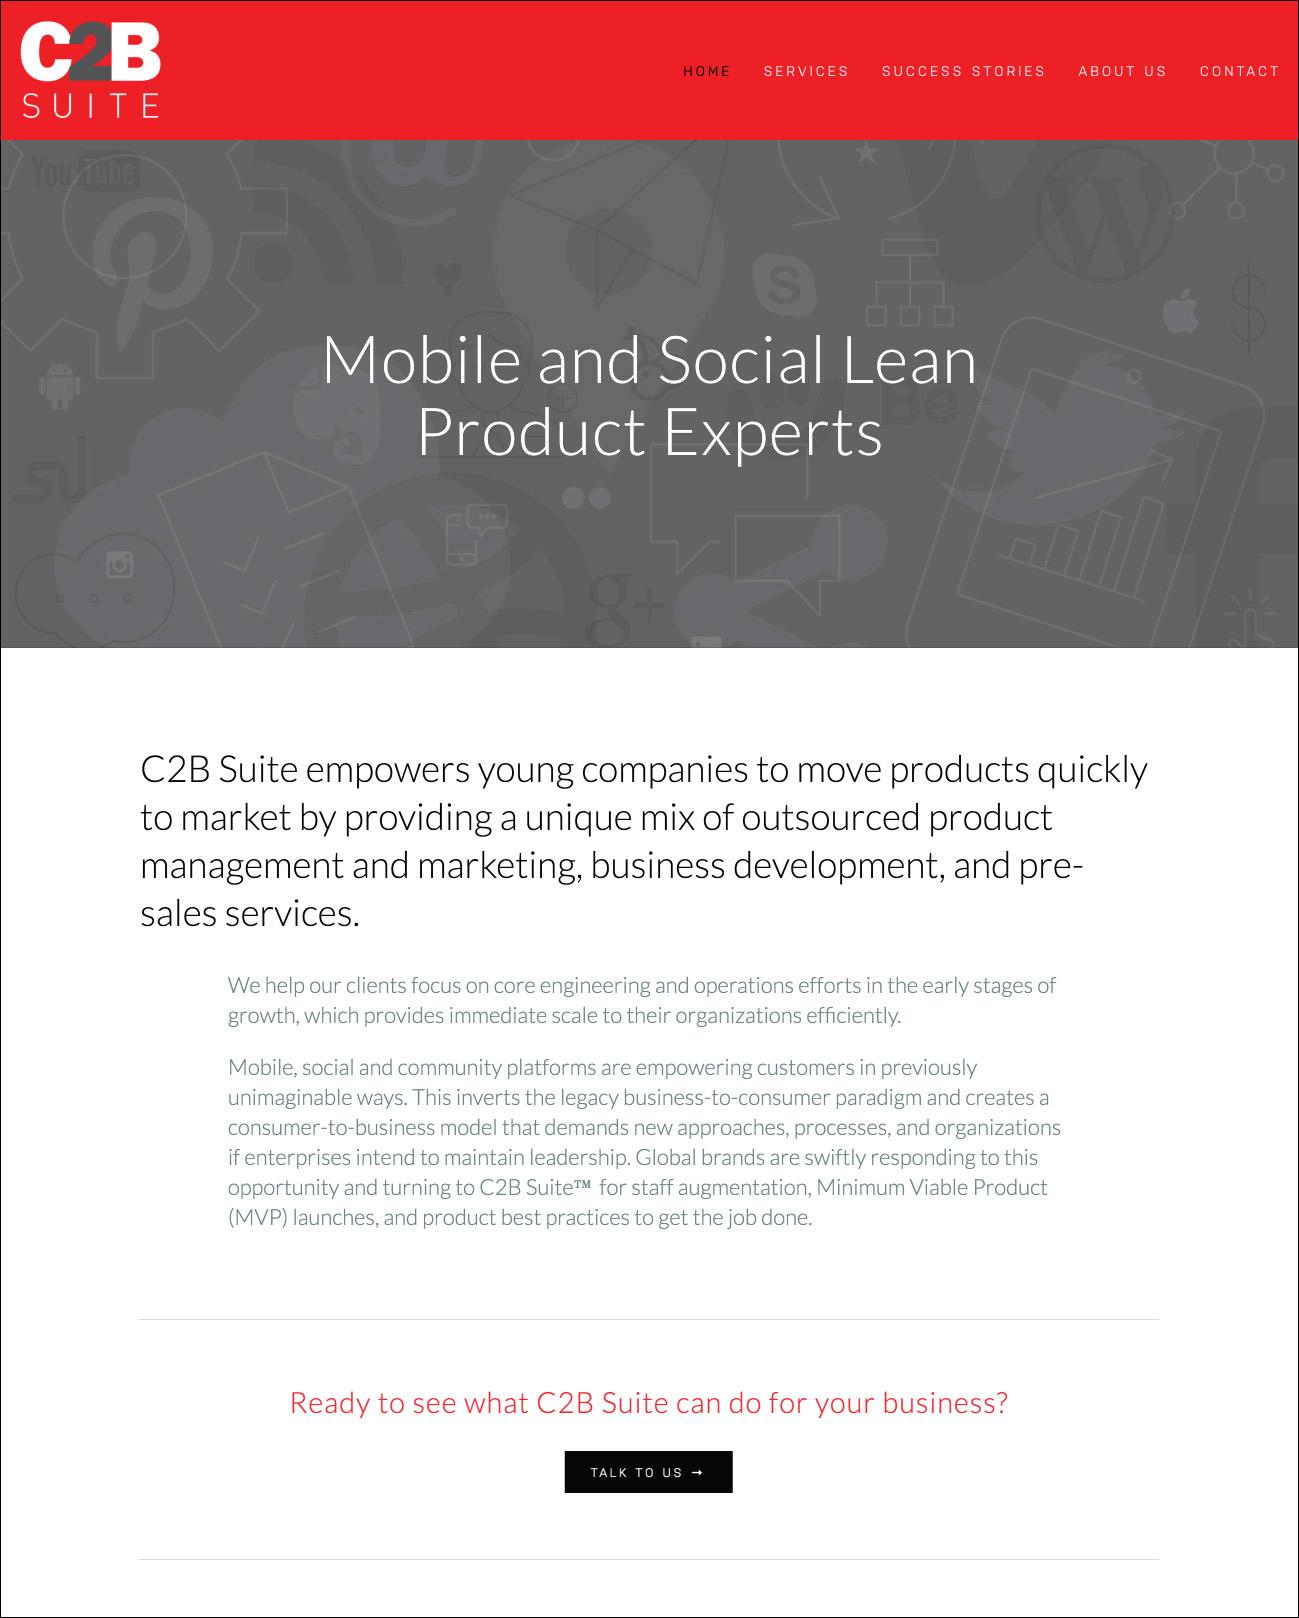 C2B Suite Website Design | DesignCode | Austin, Texas